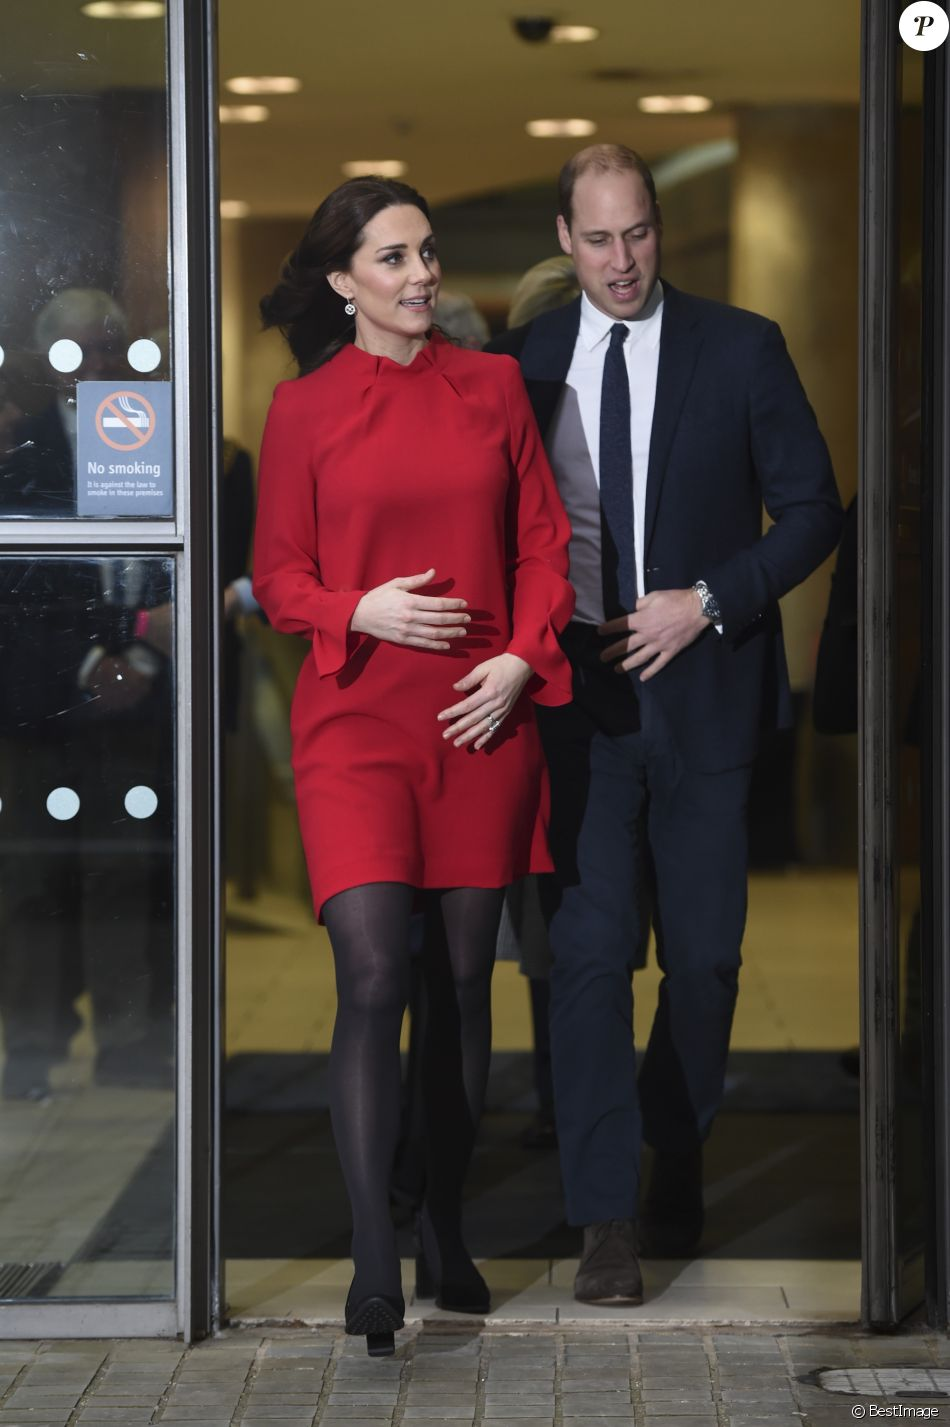 Le prince William, duc de Cambridge, et Catherine Kate Middleton, duchesse de Cambridge (enceinte) lors du Children's Global Media Summit à Manchester le 6 décembre 2017.